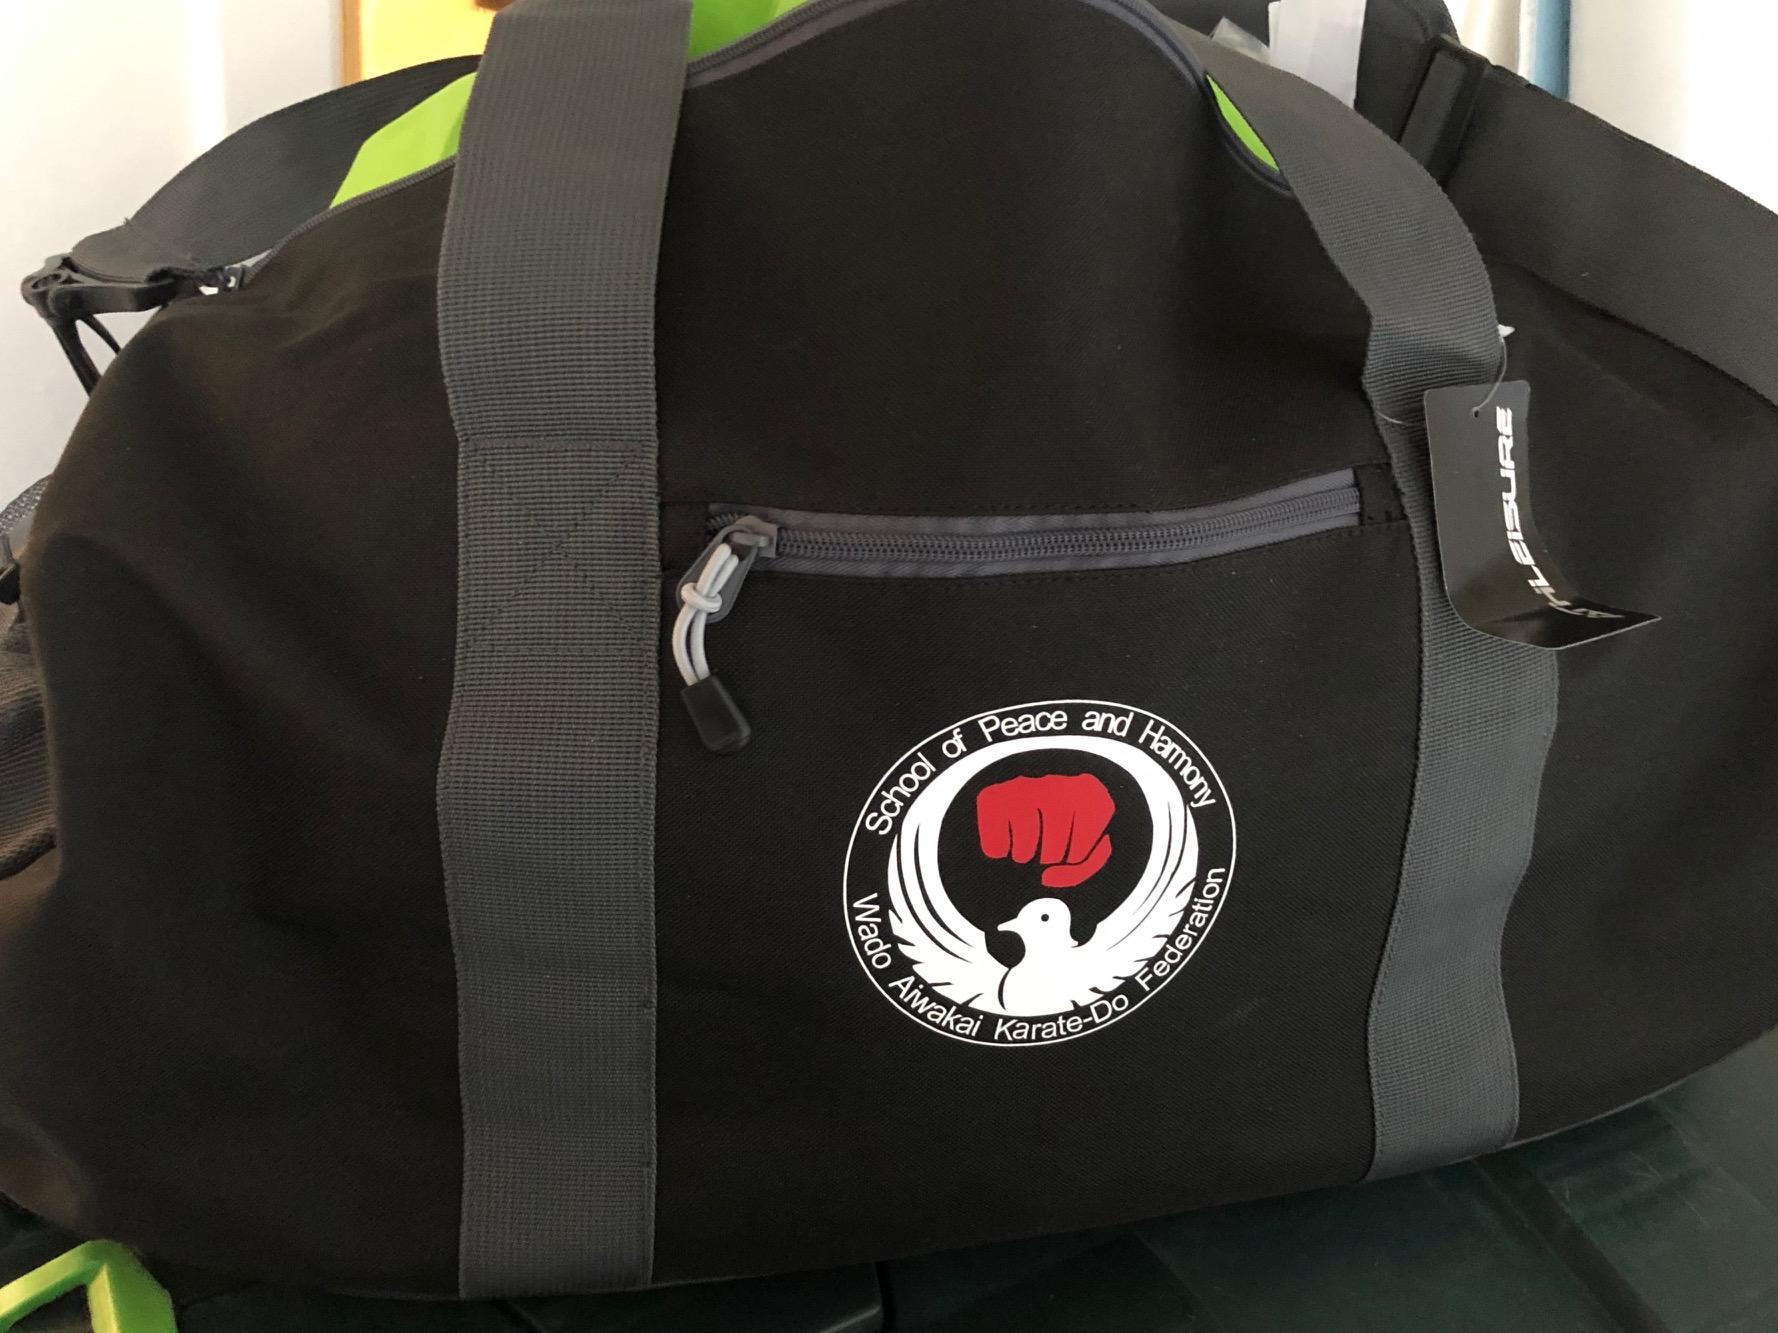 SOPAHKARATE-006 Athleisure kit bag